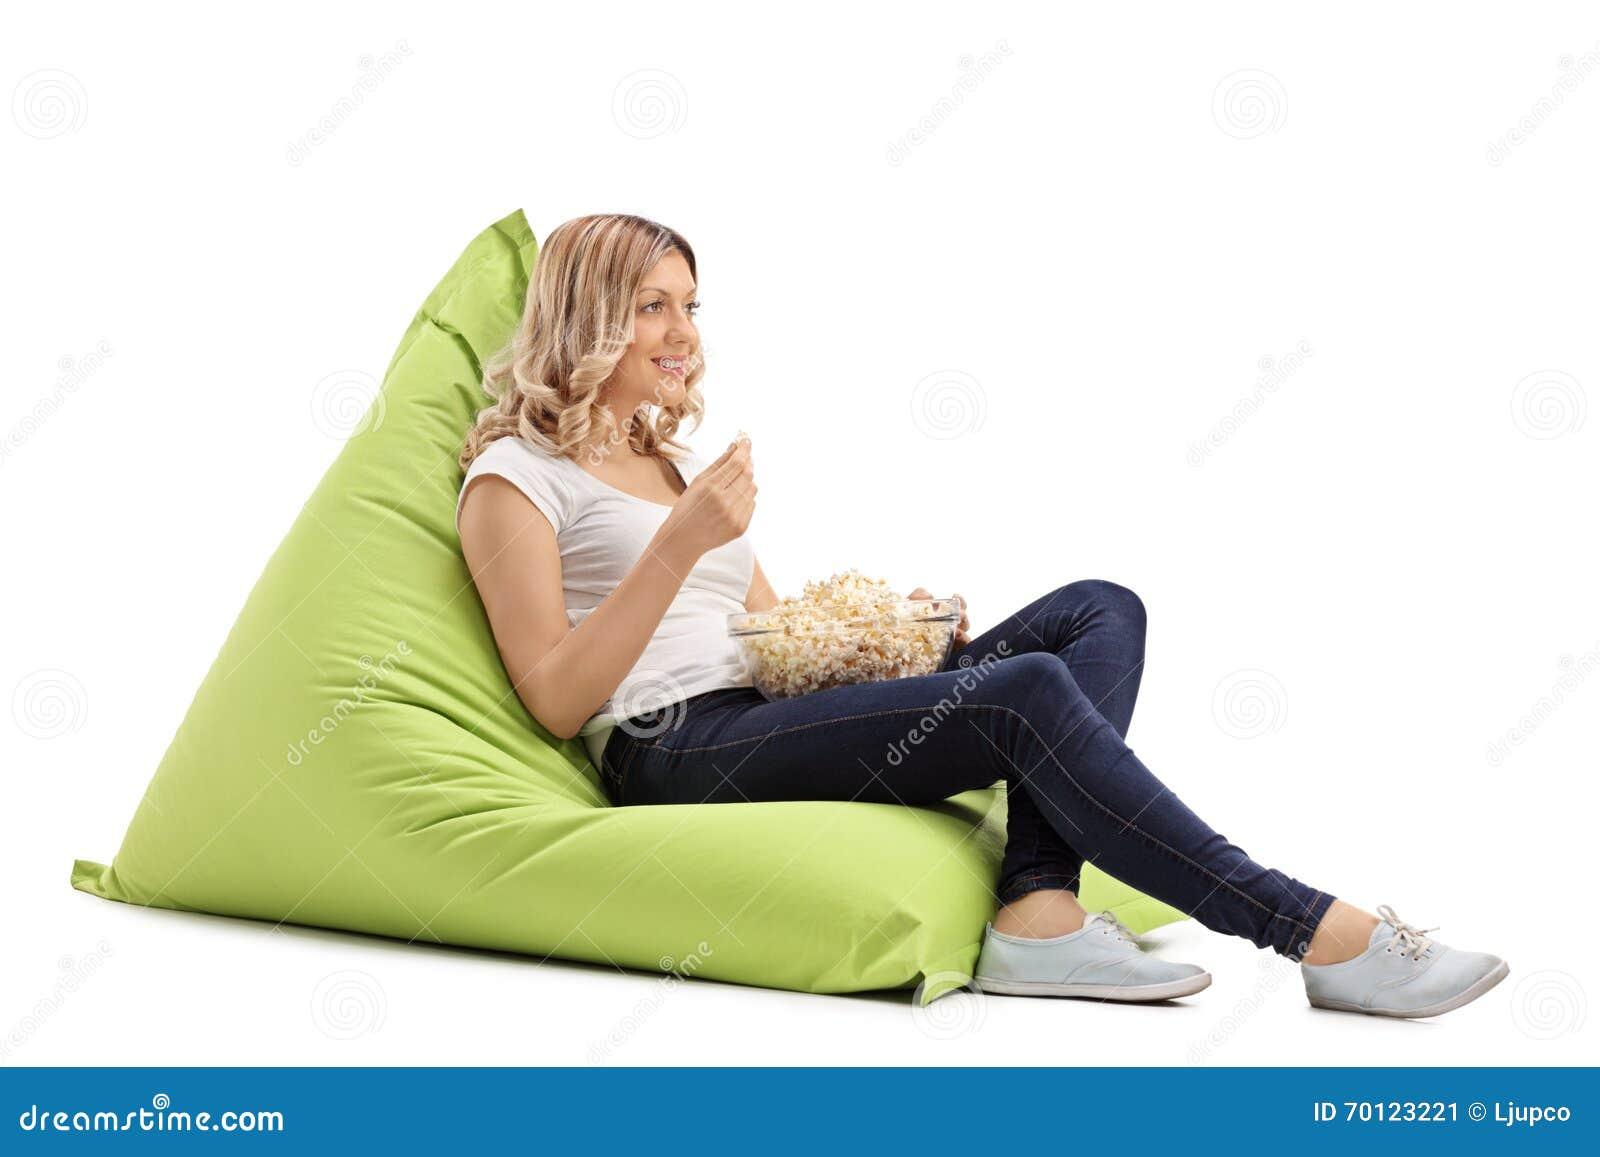 Madchen Welches Das Popcorn Gesetzt Auf Sitzsack Isst Stockbild